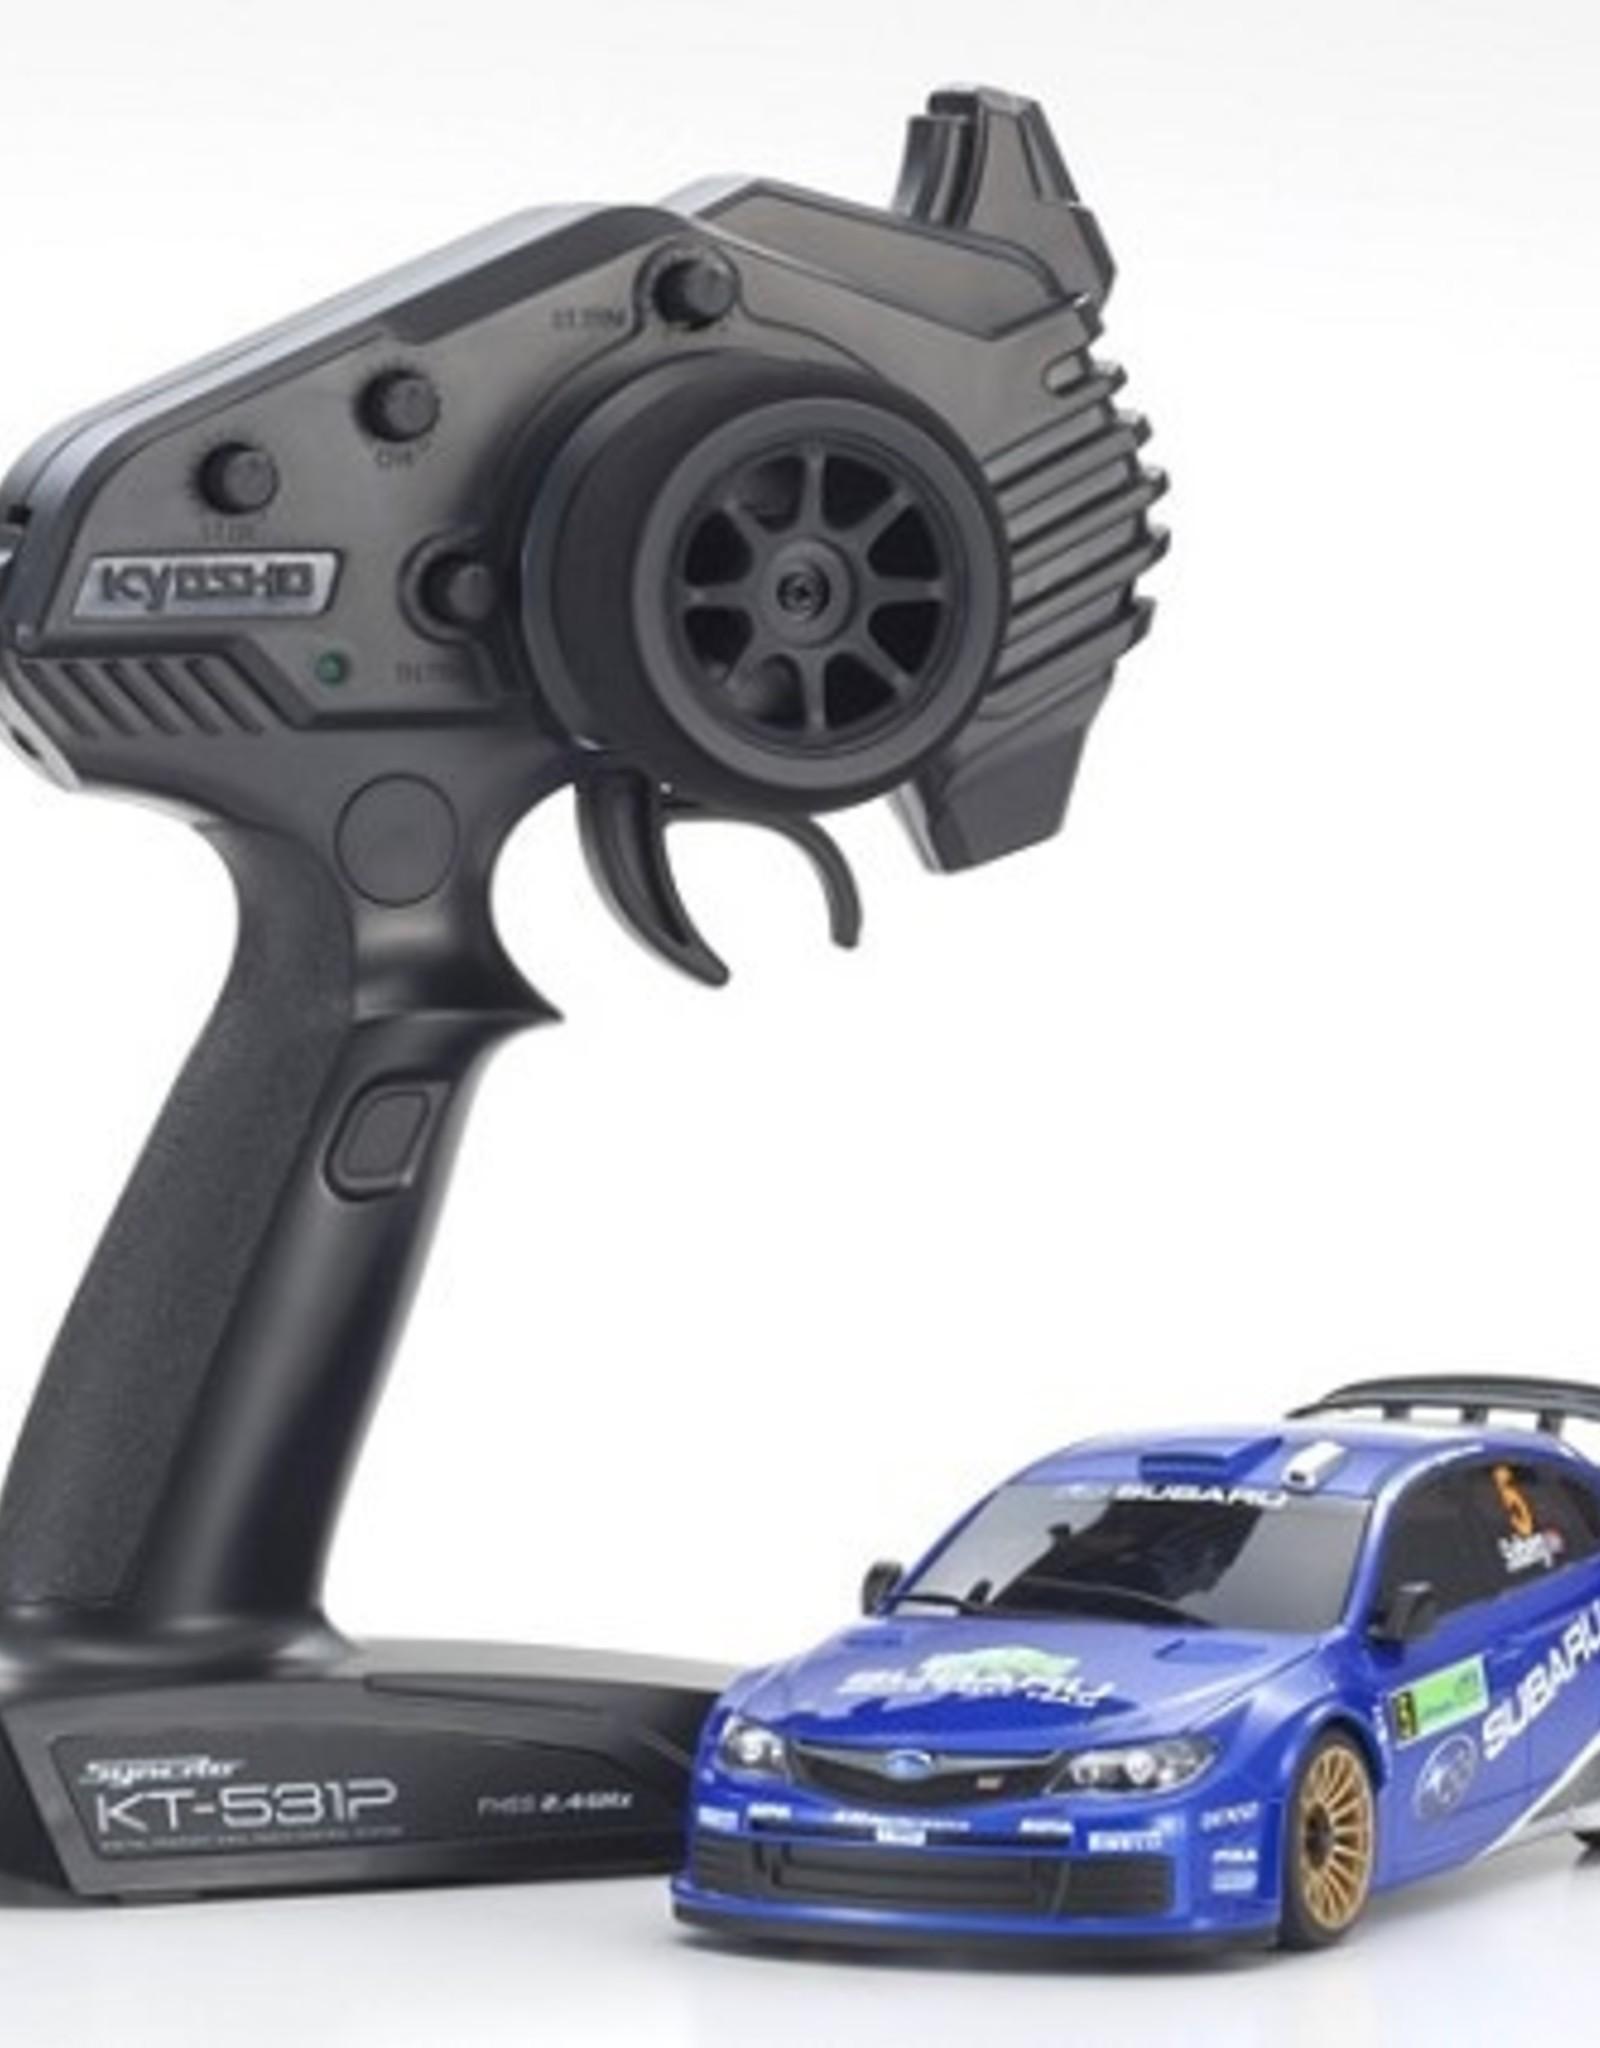 Kyosho Kyosho Mini-Z AWD SUBARU IMPREZA WRC 2008 Readyset